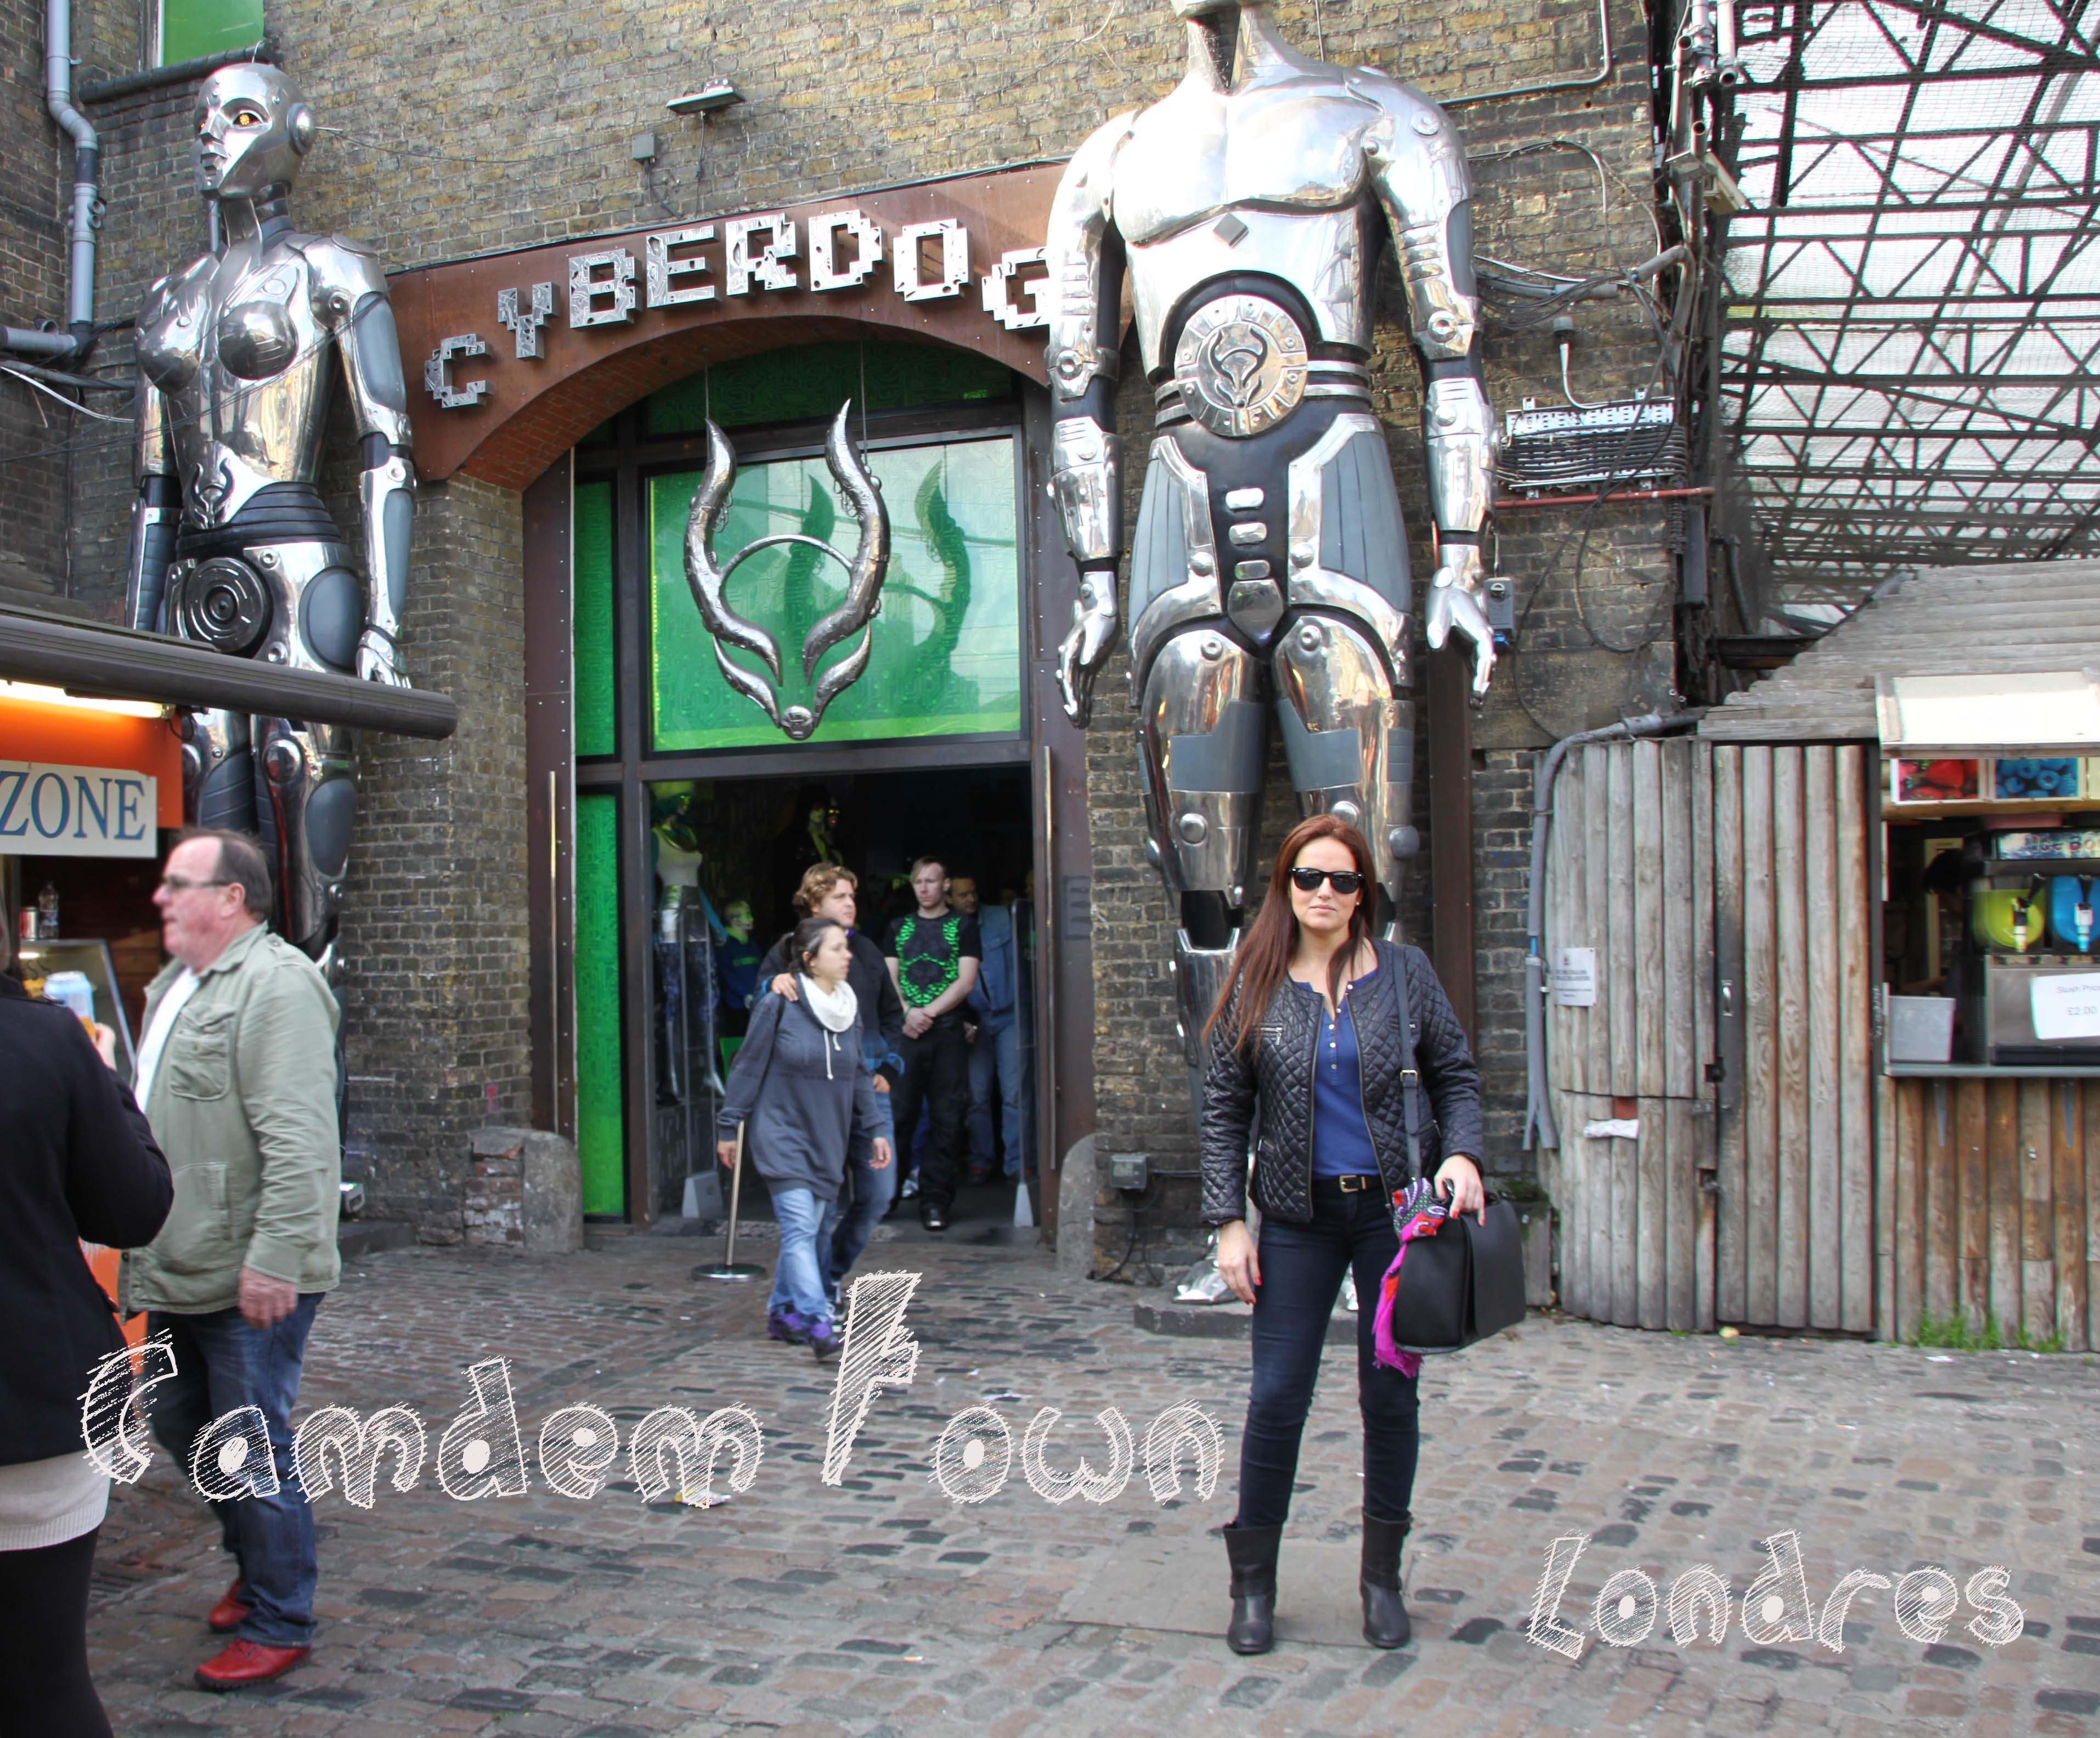 CAMDEN TOWN Londres, Viajar a Londres con niños, Consejos para ir a Londres, Blog de Moda Infantil y Premamá, La casita de Martina